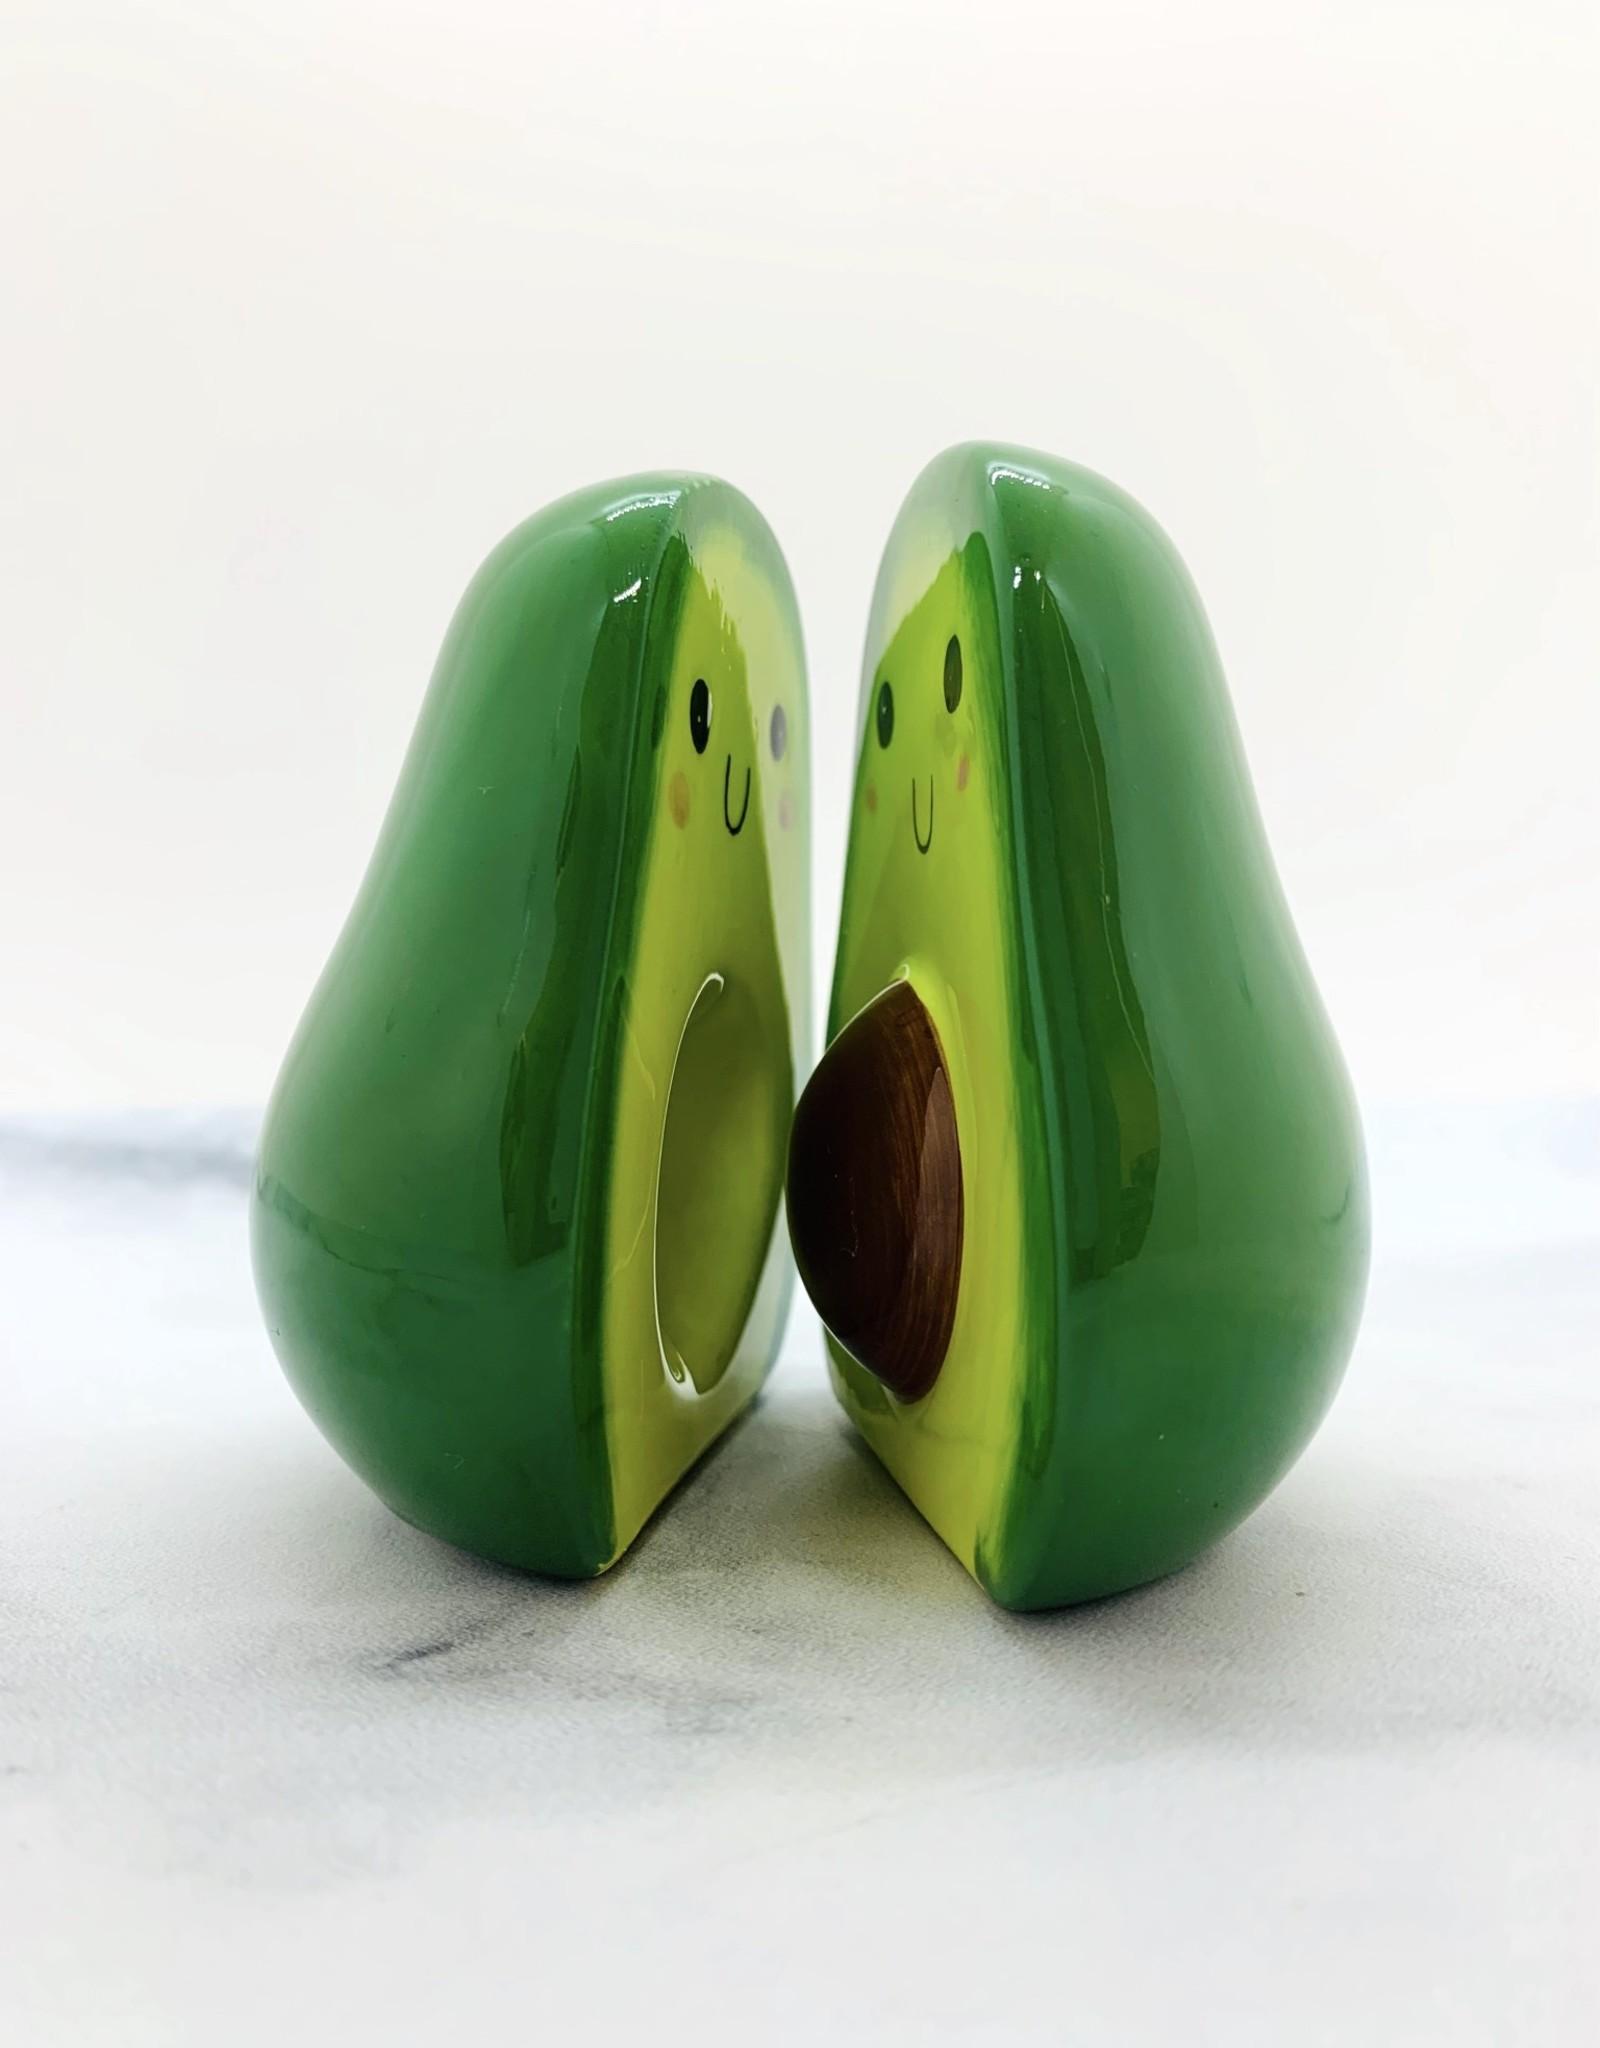 STREAMLINE Avocado Salt & Pepper Set